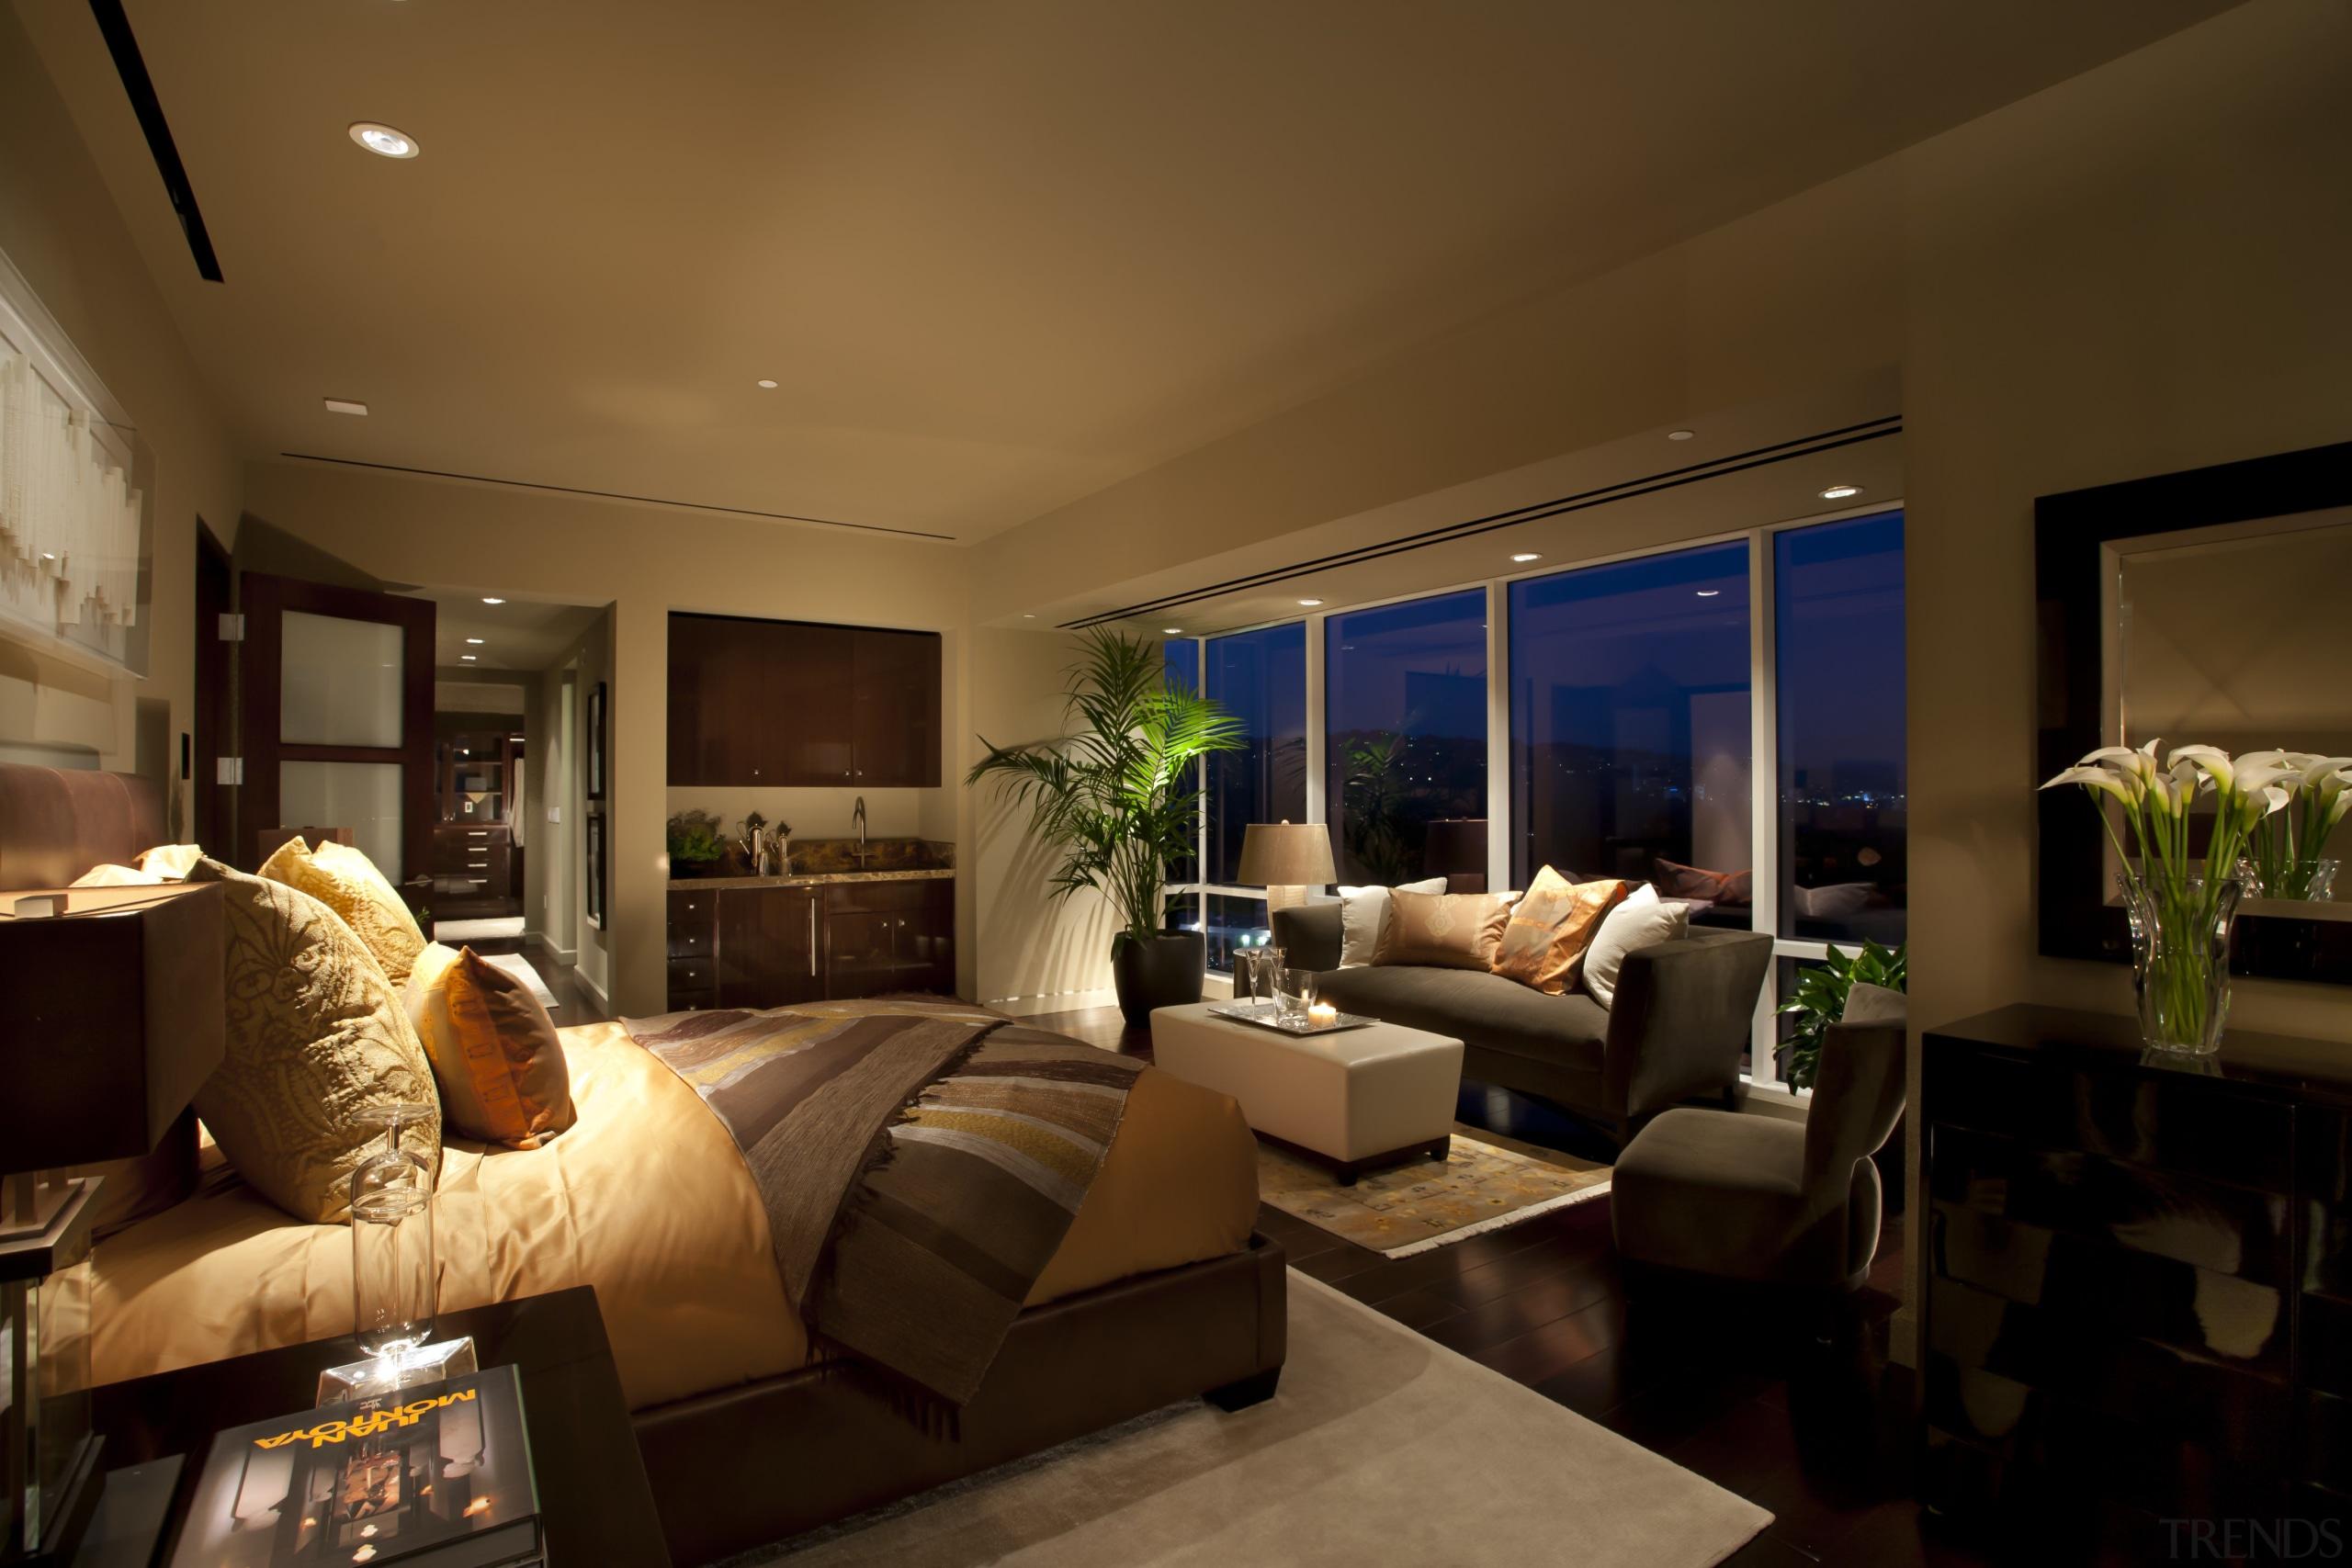 This master suite was designed by Jon Kreuger ceiling, estate, home, interior design, lighting, living room, property, real estate, room, brown, black